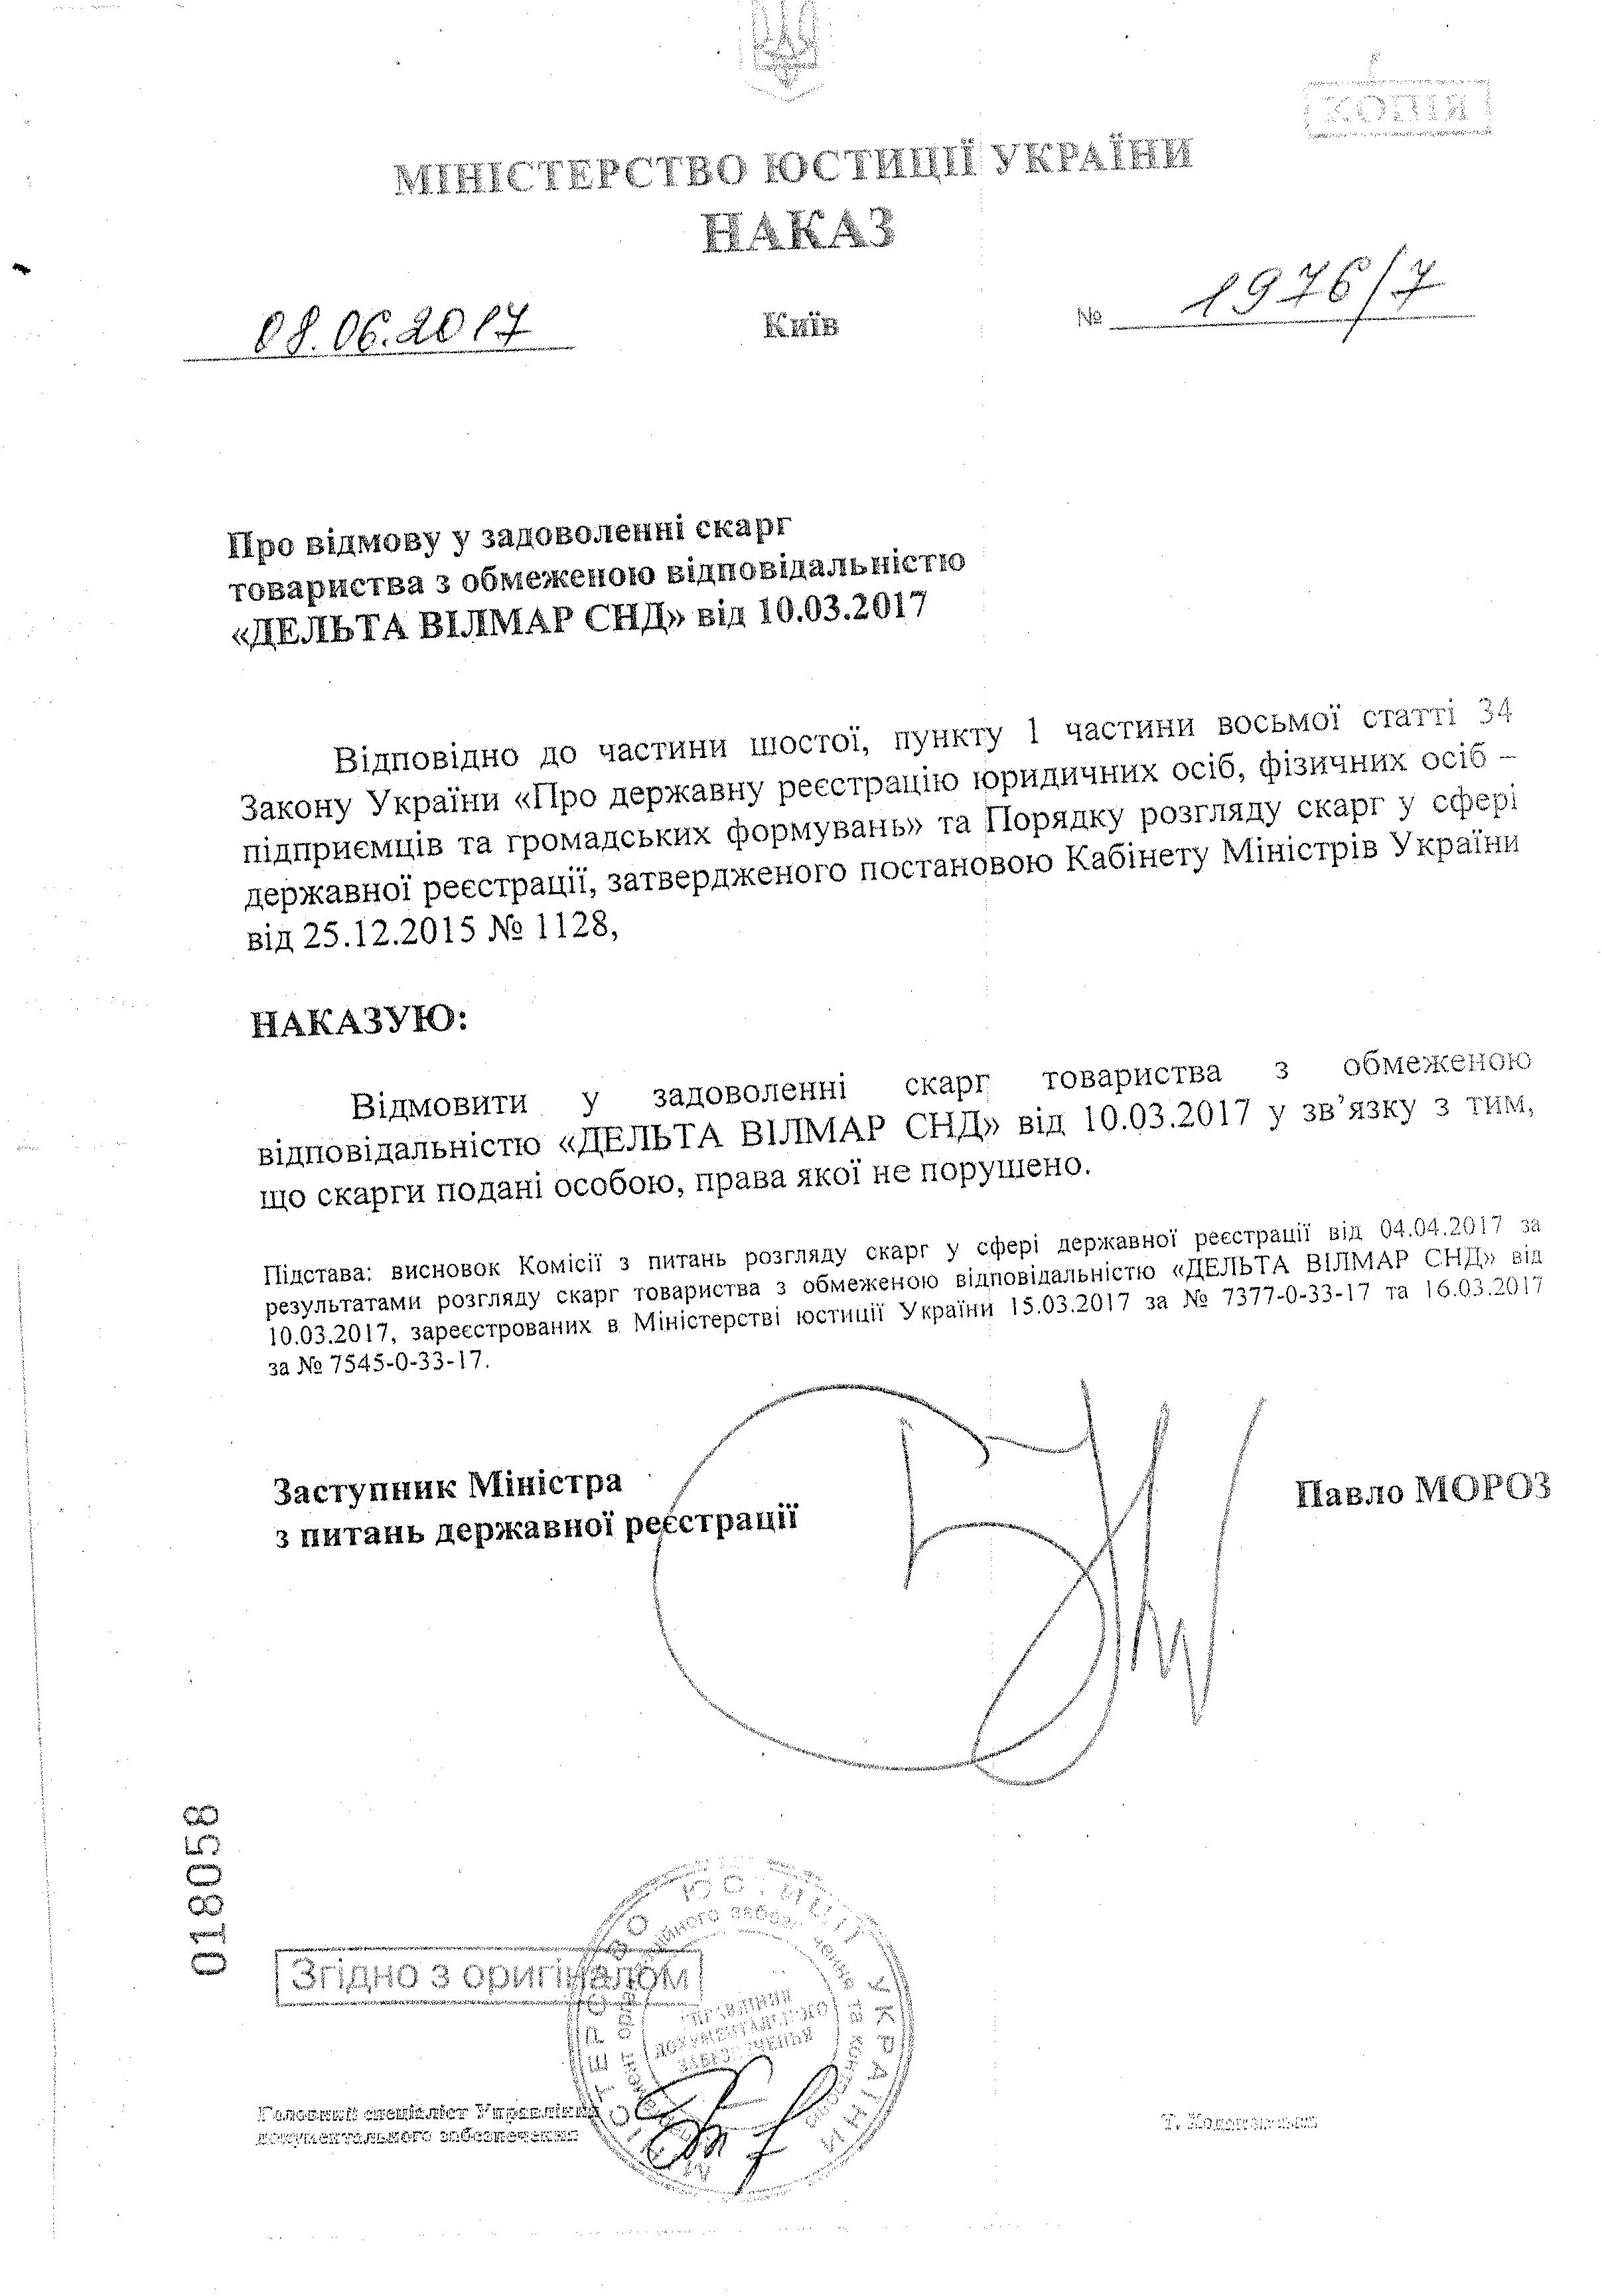 Нажмите, чтобы открыть документ